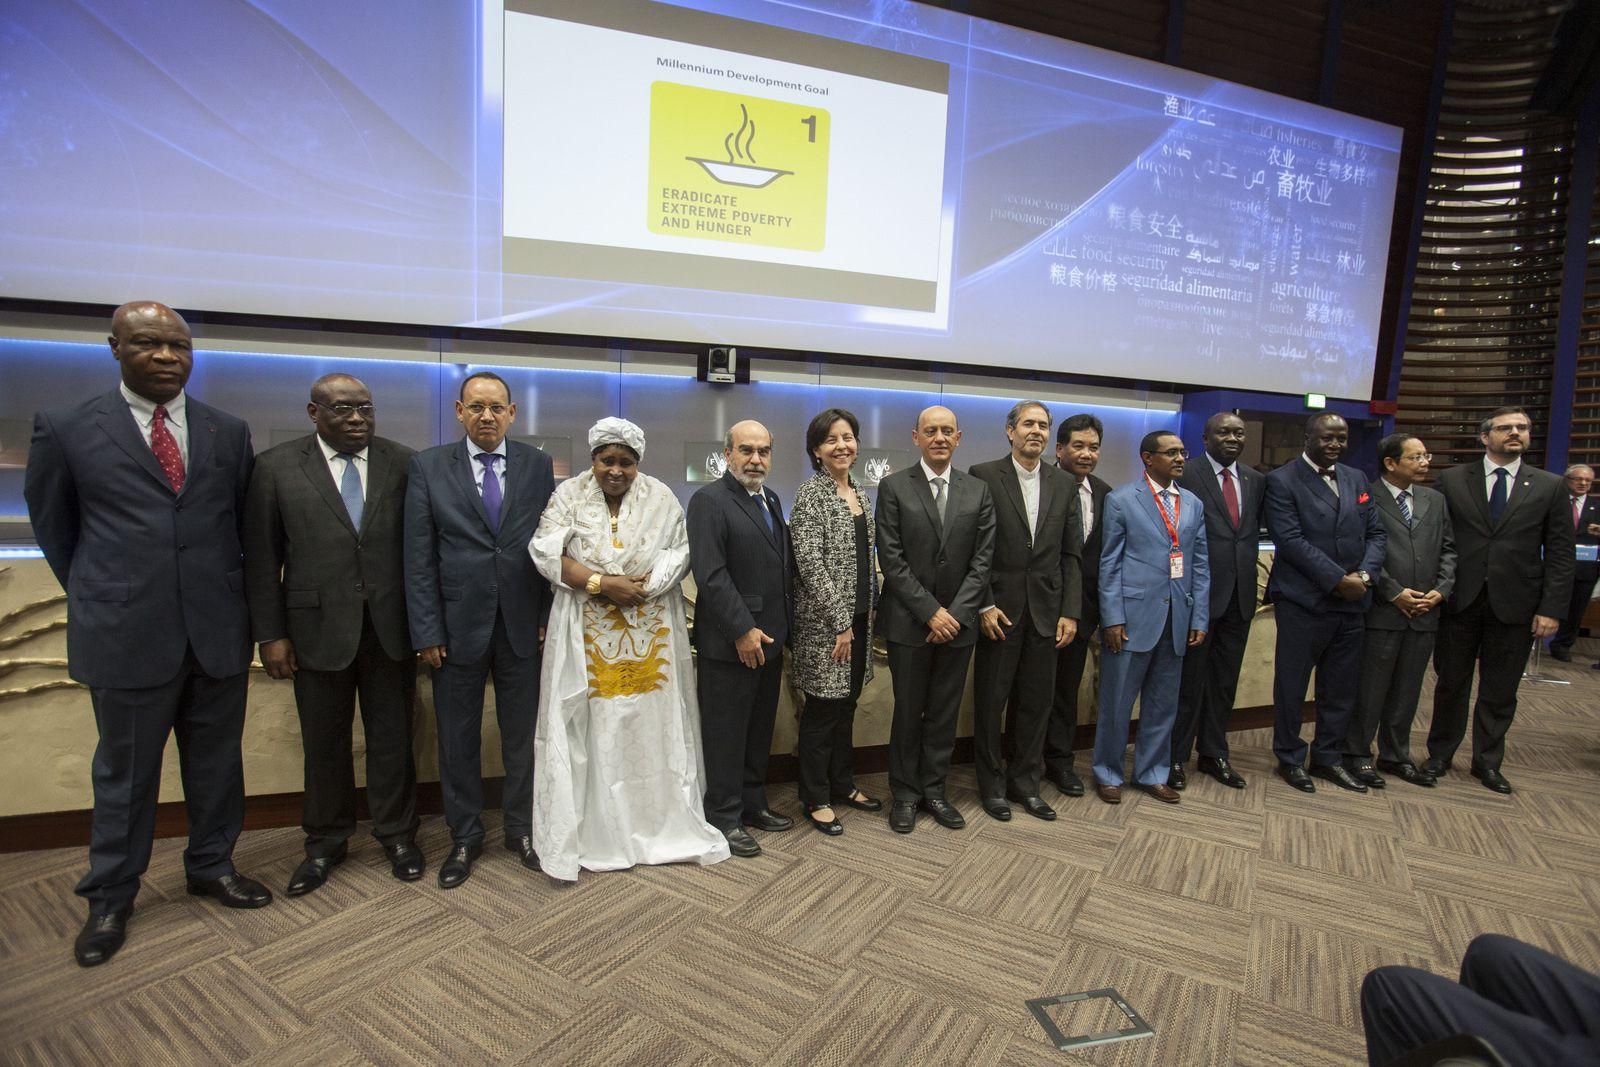 Le Gabon hautement honoré à Genève, reçoit les félicitations de la FAO